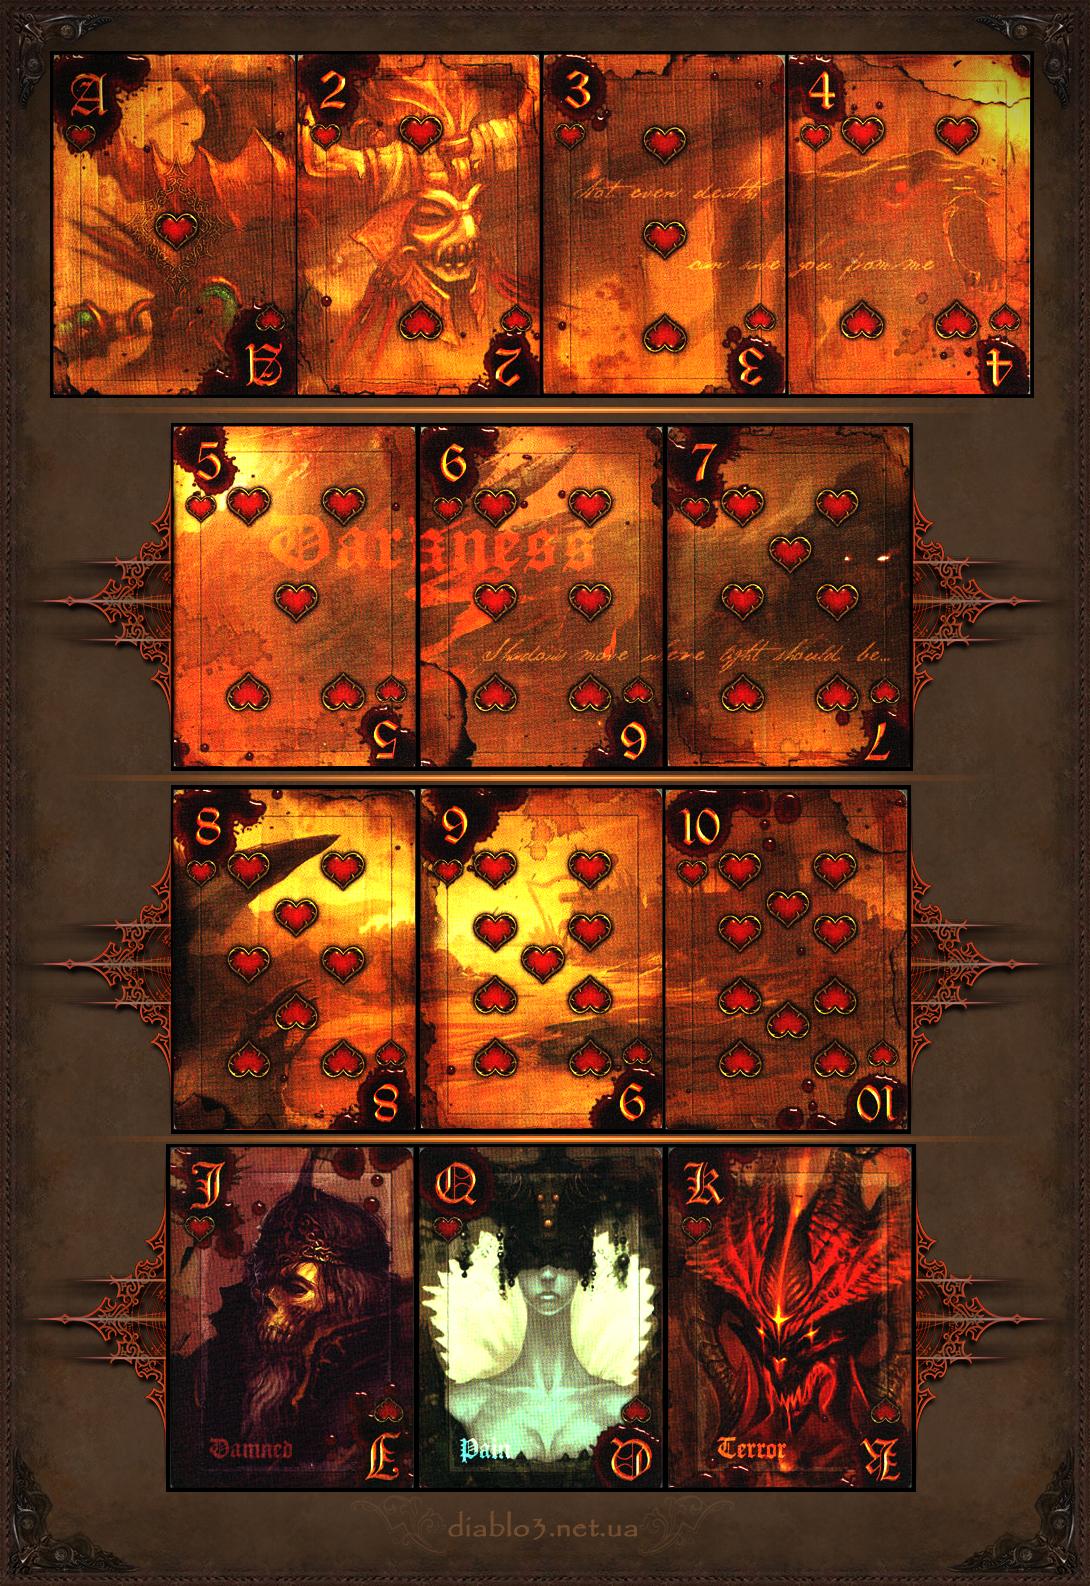 Diablo - Диабло играть онлайн бесплатно